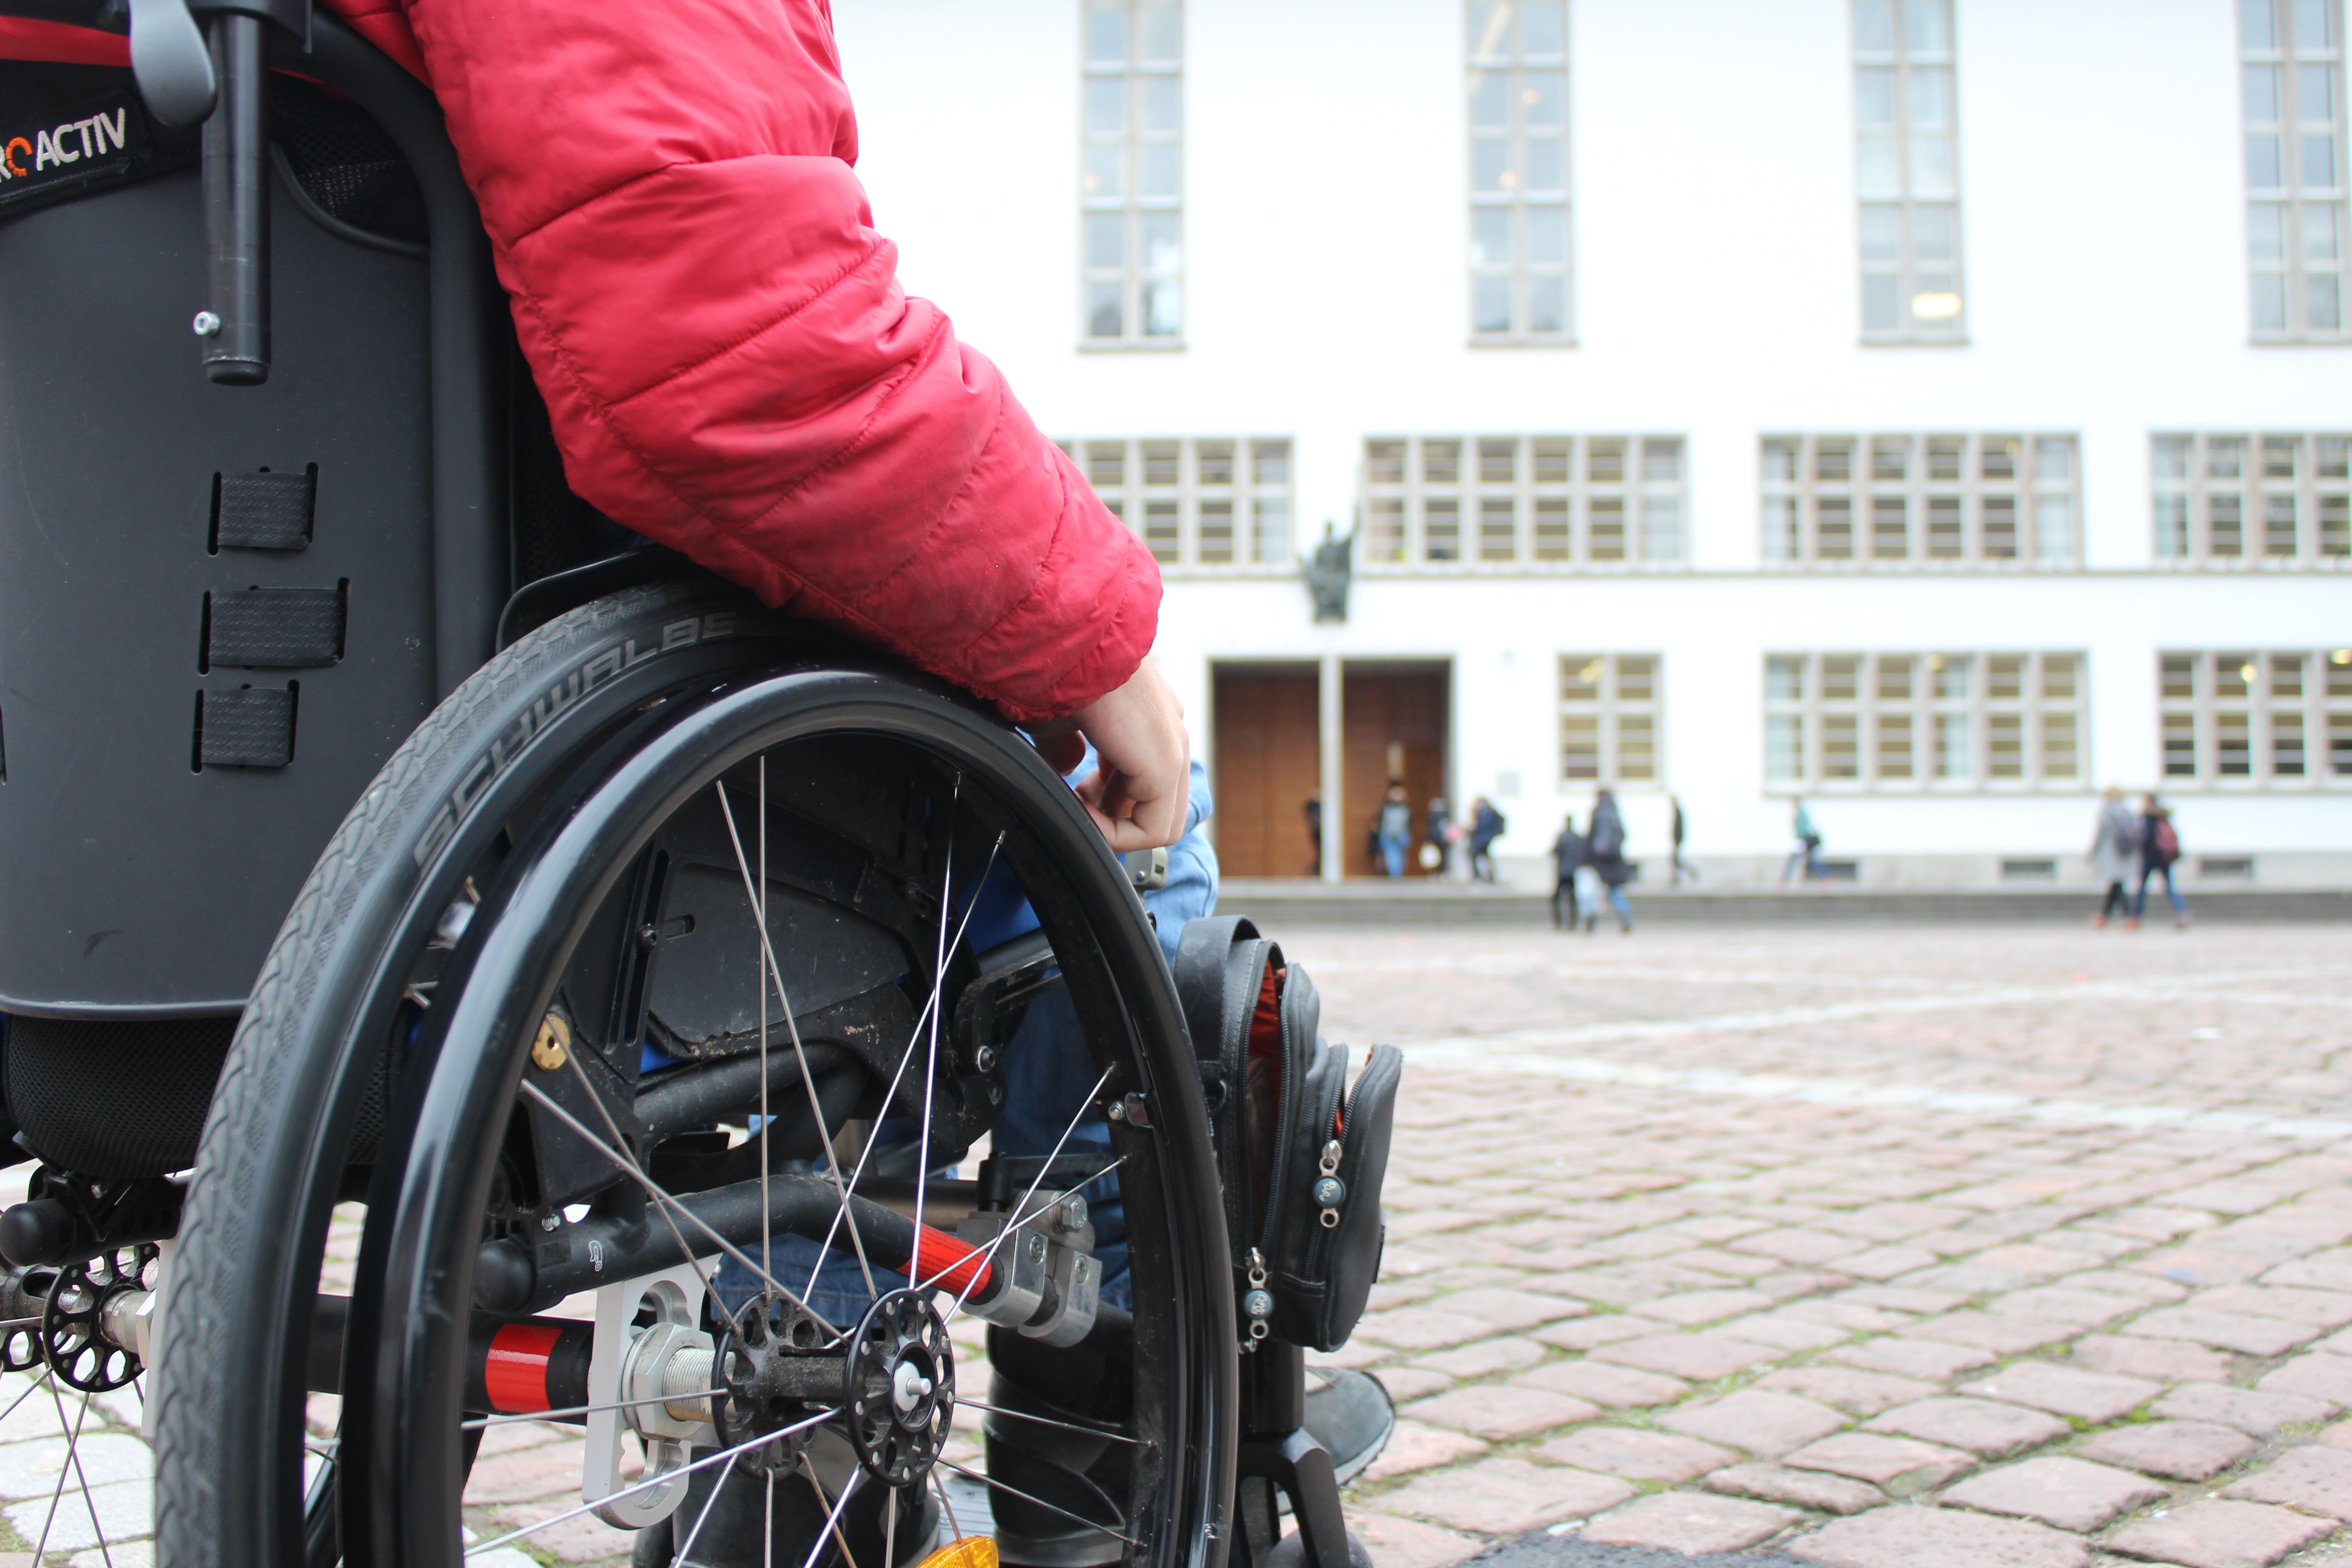 Der lebendige Geist kann einem Rollstuhlfahrer leider auch nicht helfen, wenn er wie so oft vor einer Treppe steht. Foto: dem